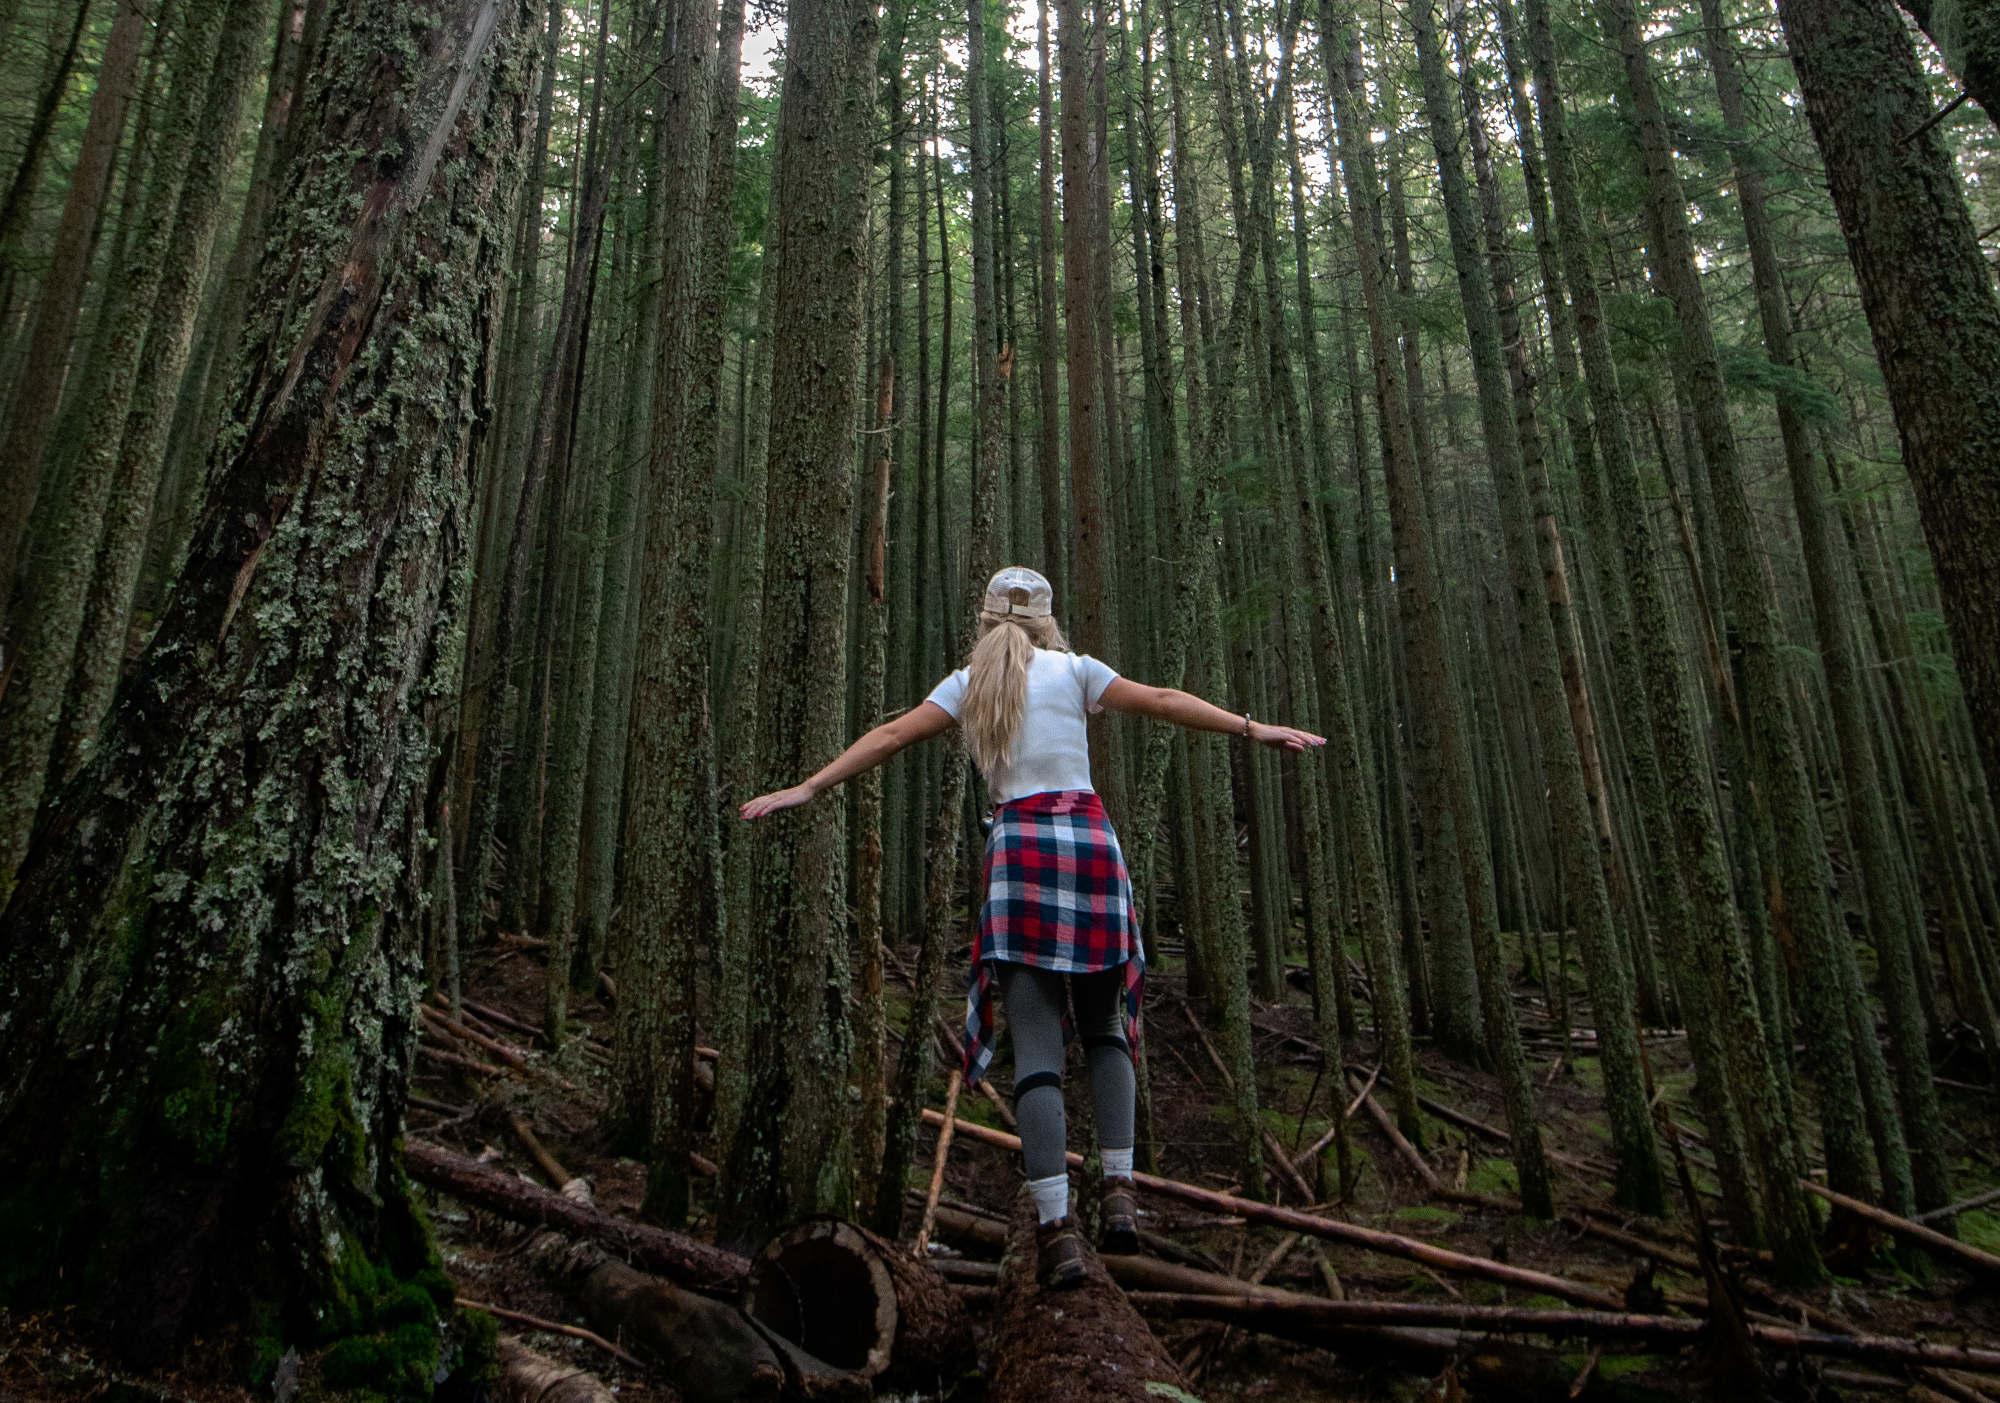 Stare nella natura è il vero elisir di lunga vita